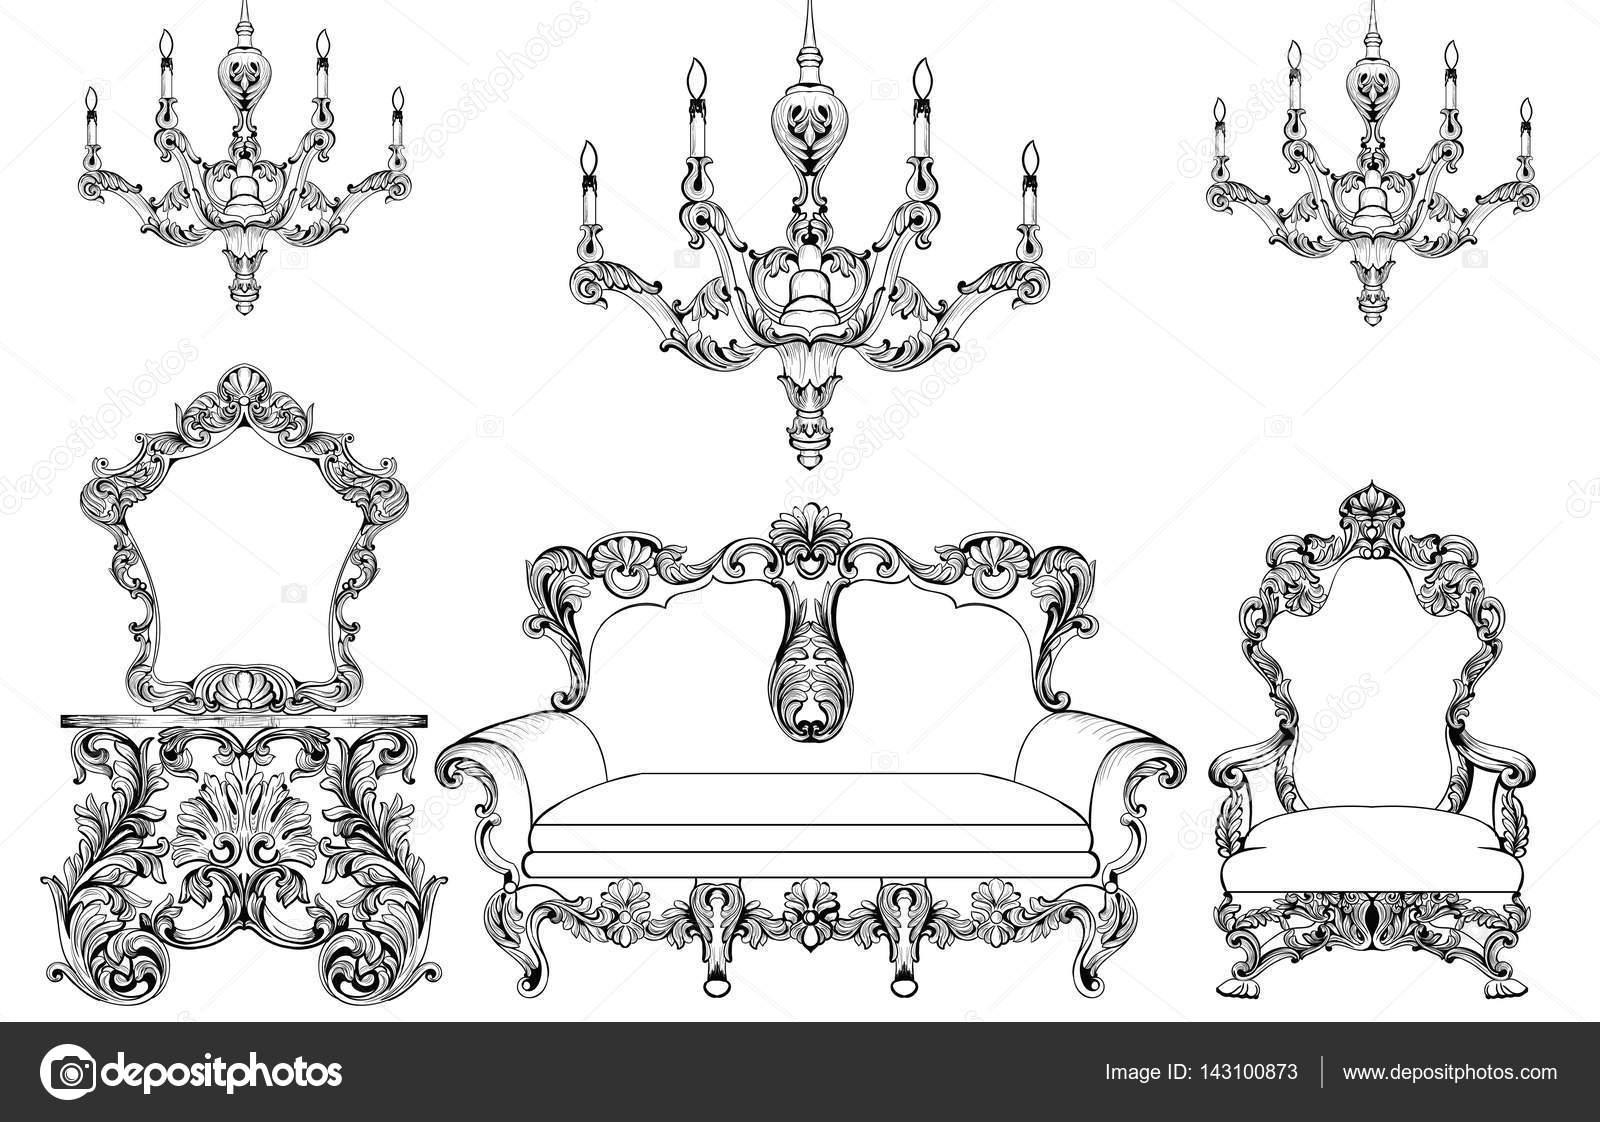 Exquisite Fabelhafte Imperial Barock Möbel Und Kronleuchter Satz  Eingraviert. Vektor Französisch Luxus Reiche Komplizierte Verzierten  Struktur.